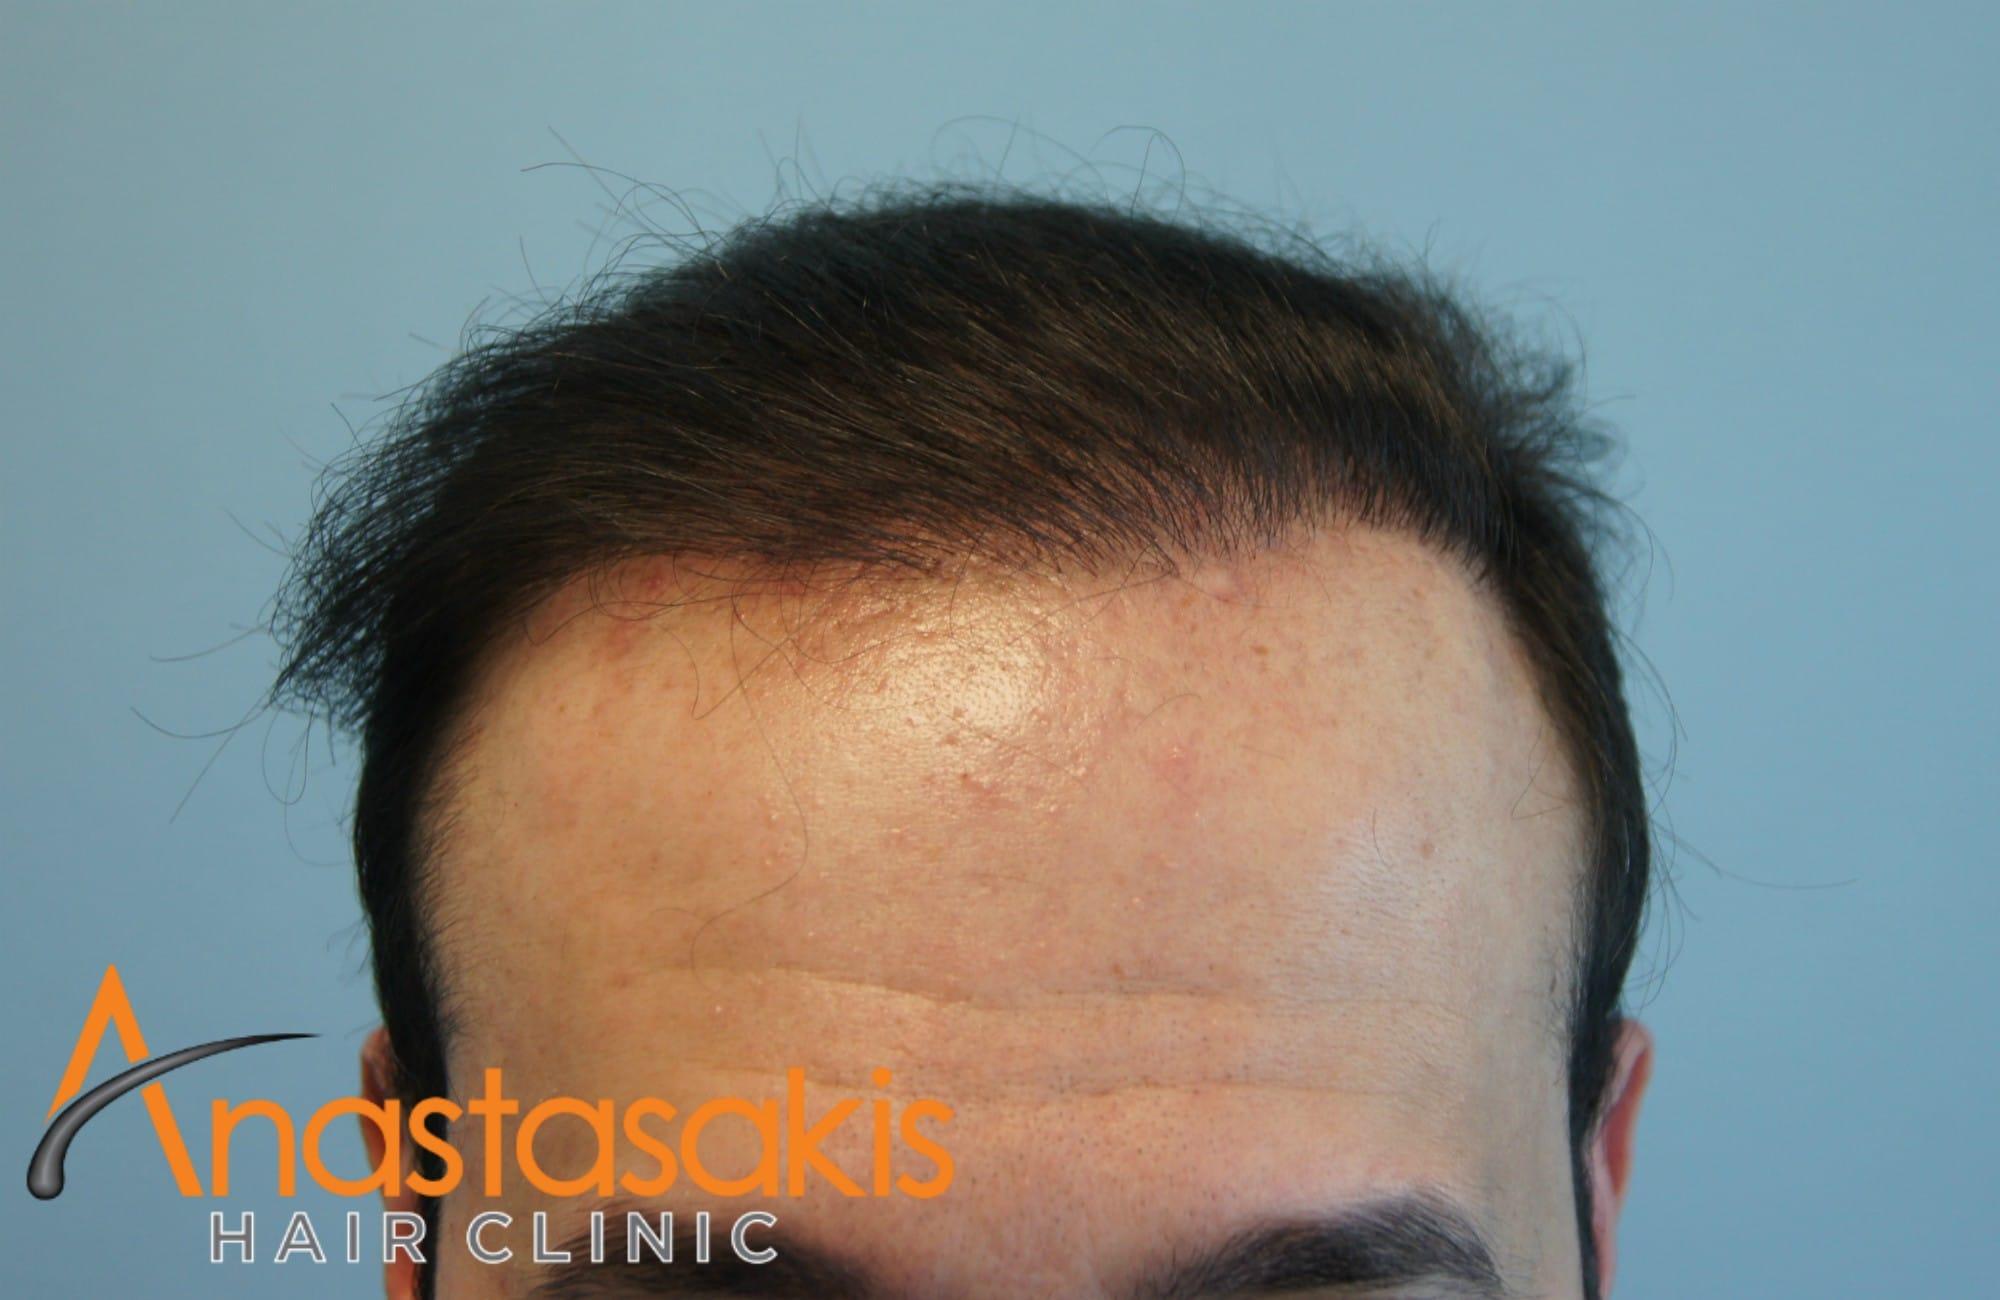 hairline ασθενους μετα τη μεταμοσχευση μαλλιων με 3000 fus